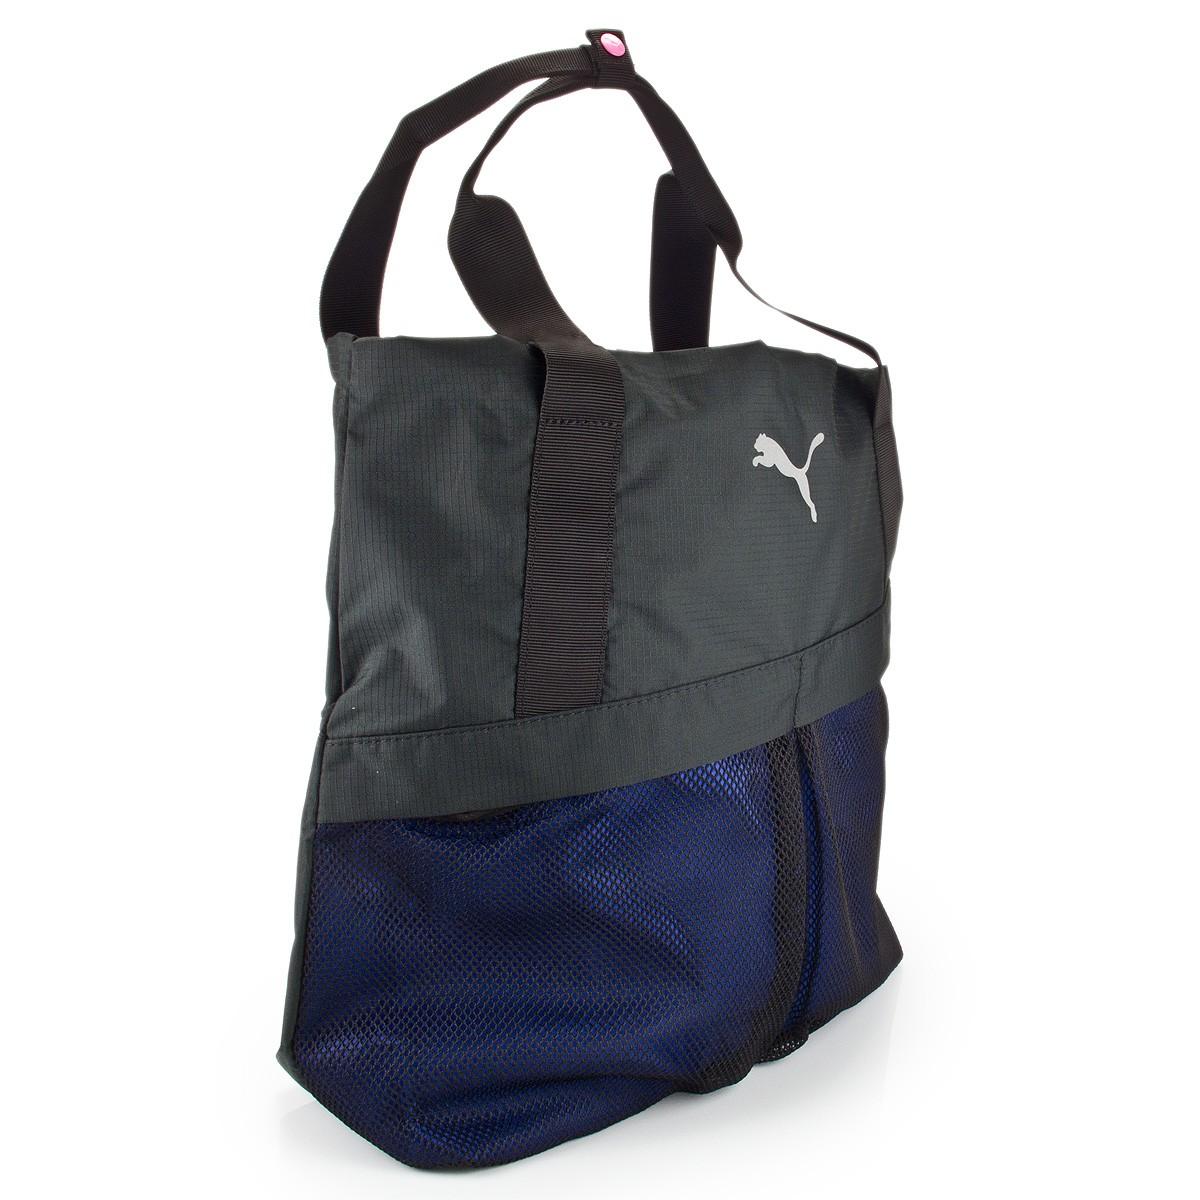 Bolsa Puma Gym Shopper 072189